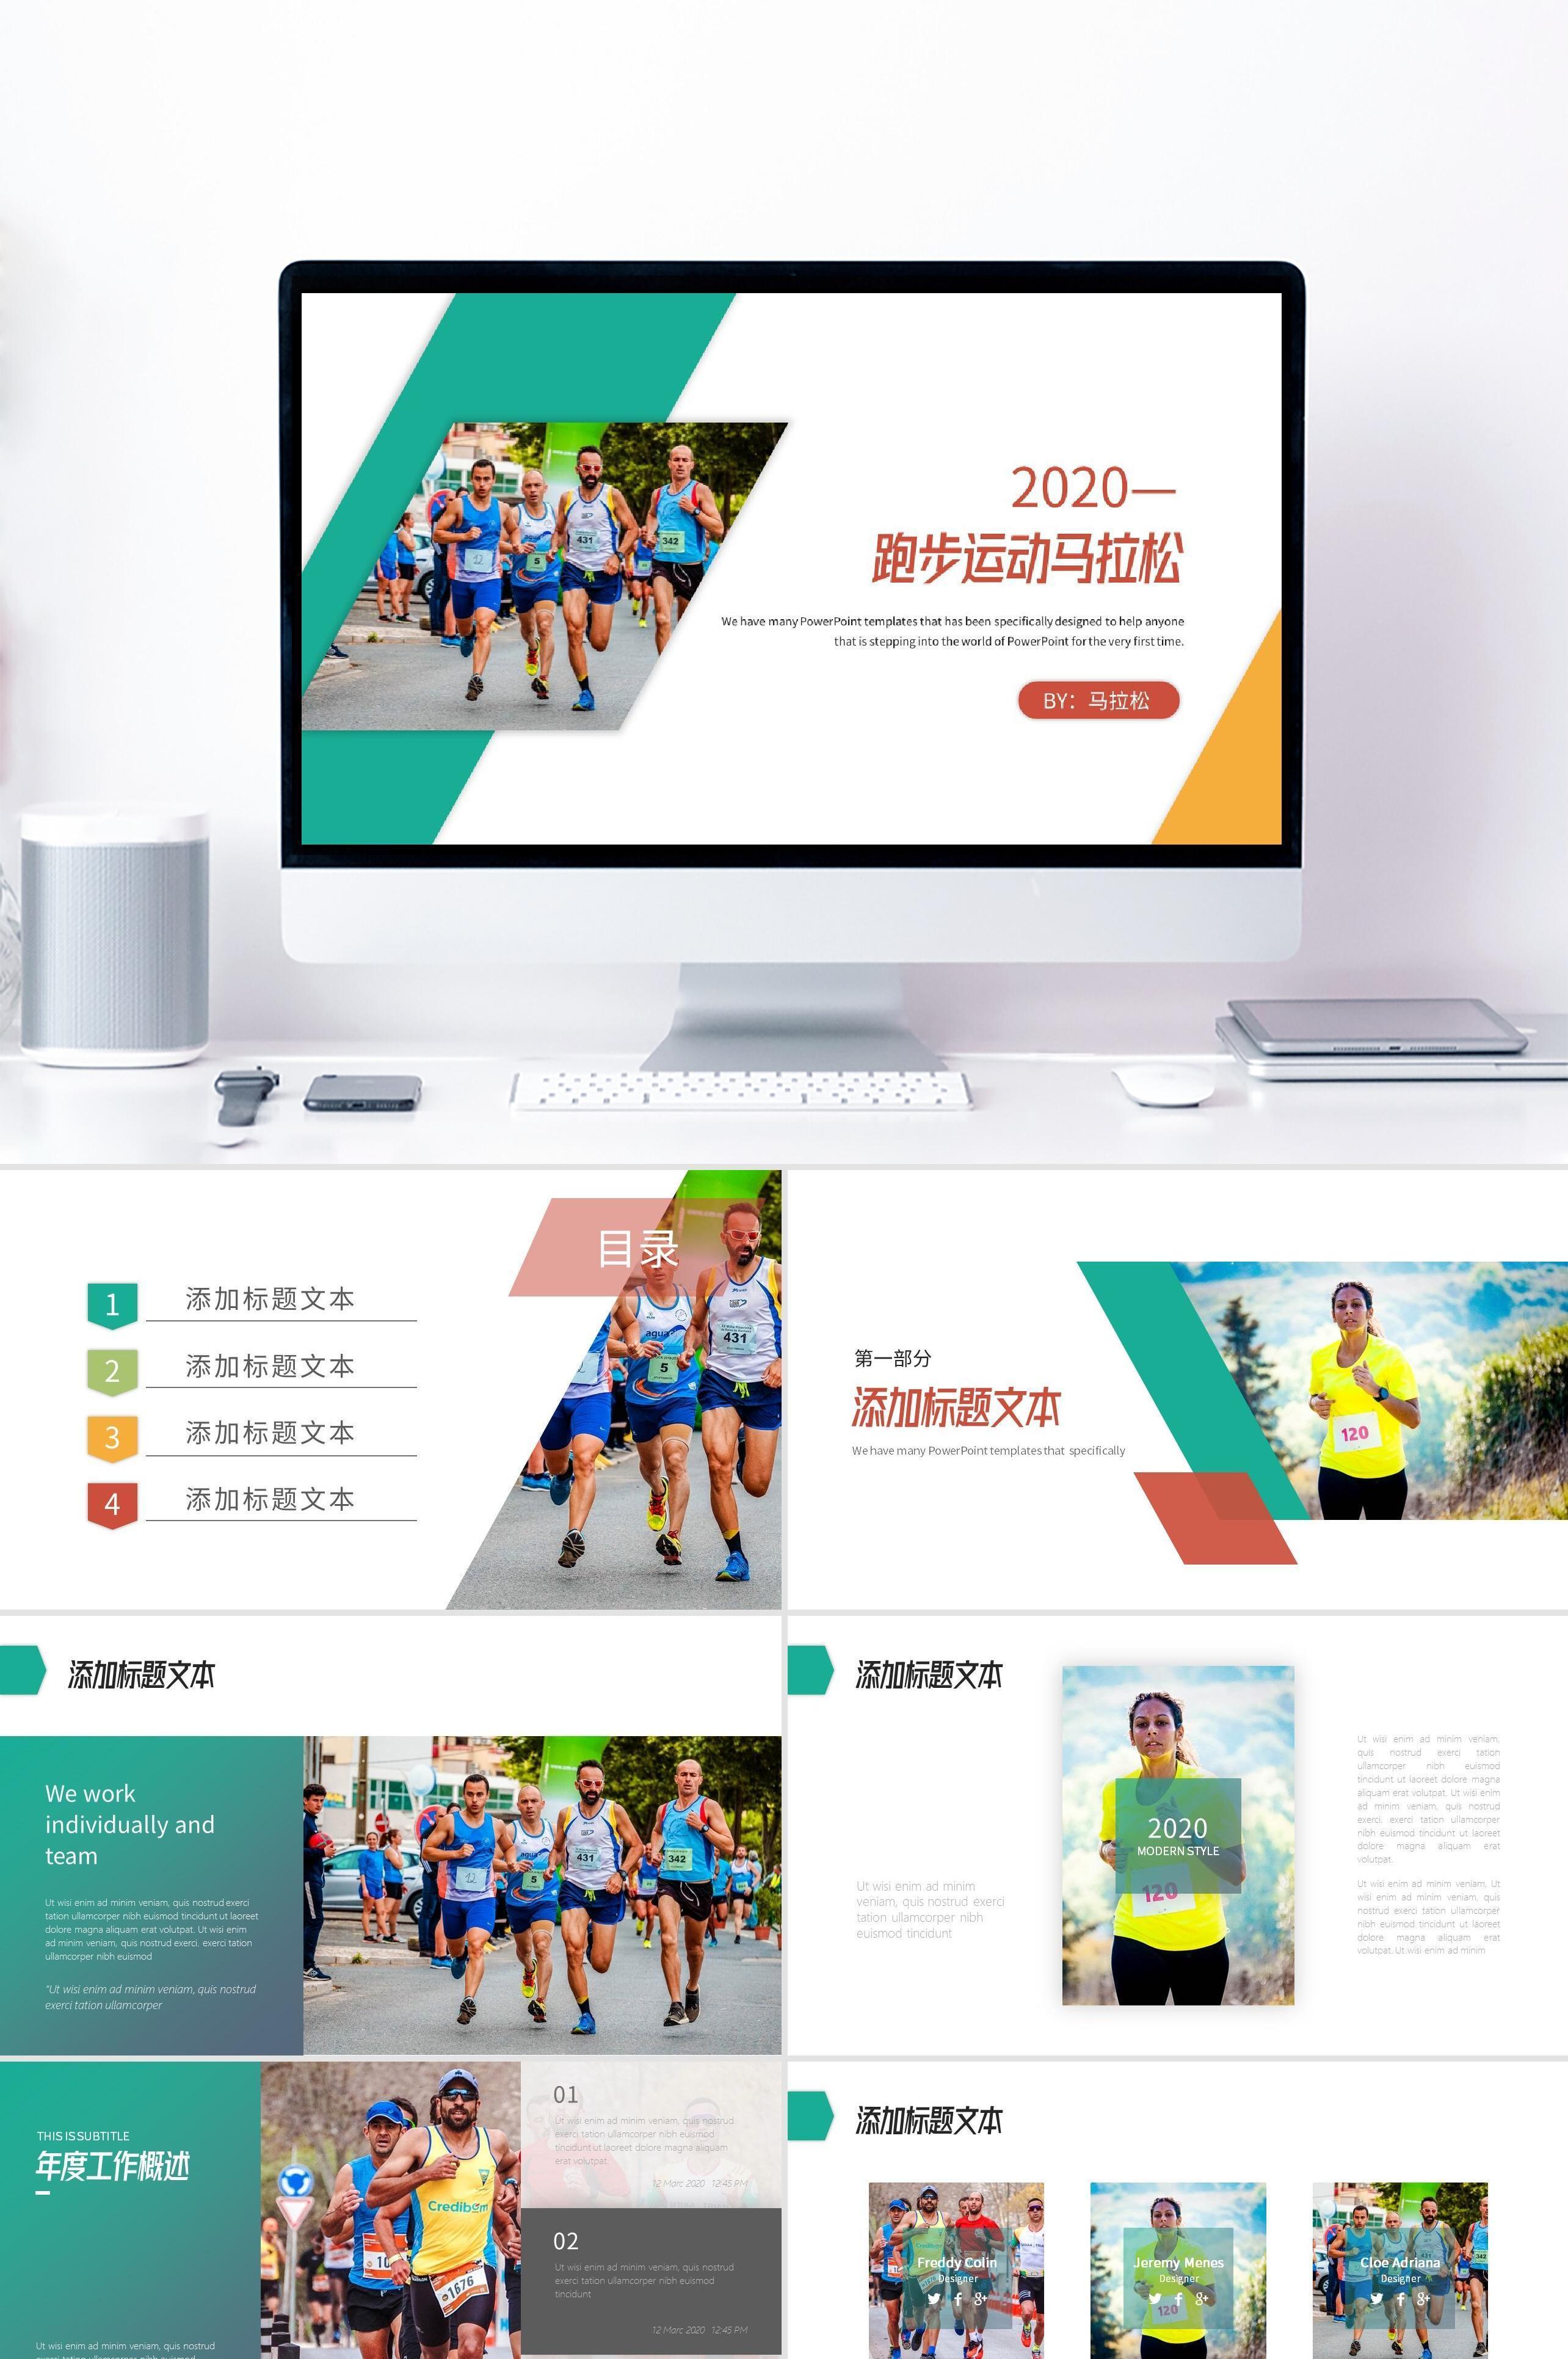 简约跑步运动全民马拉松PPT模板